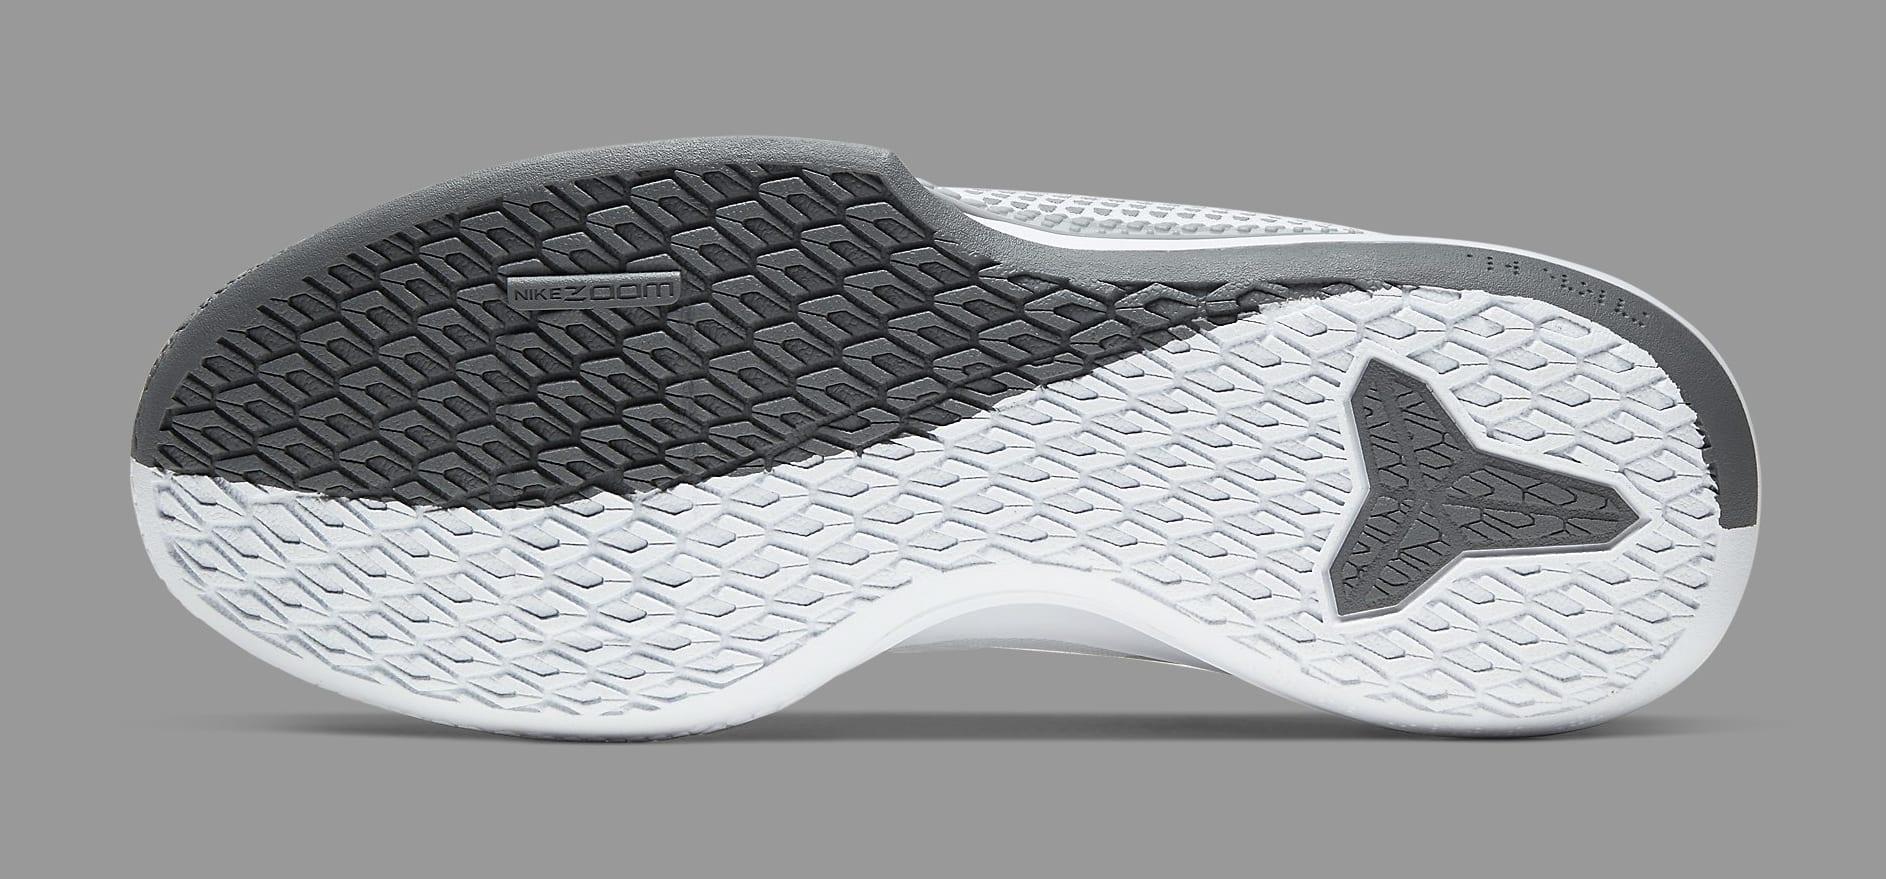 Nike Kobe Mamba Fury CK2087-100 Outsole